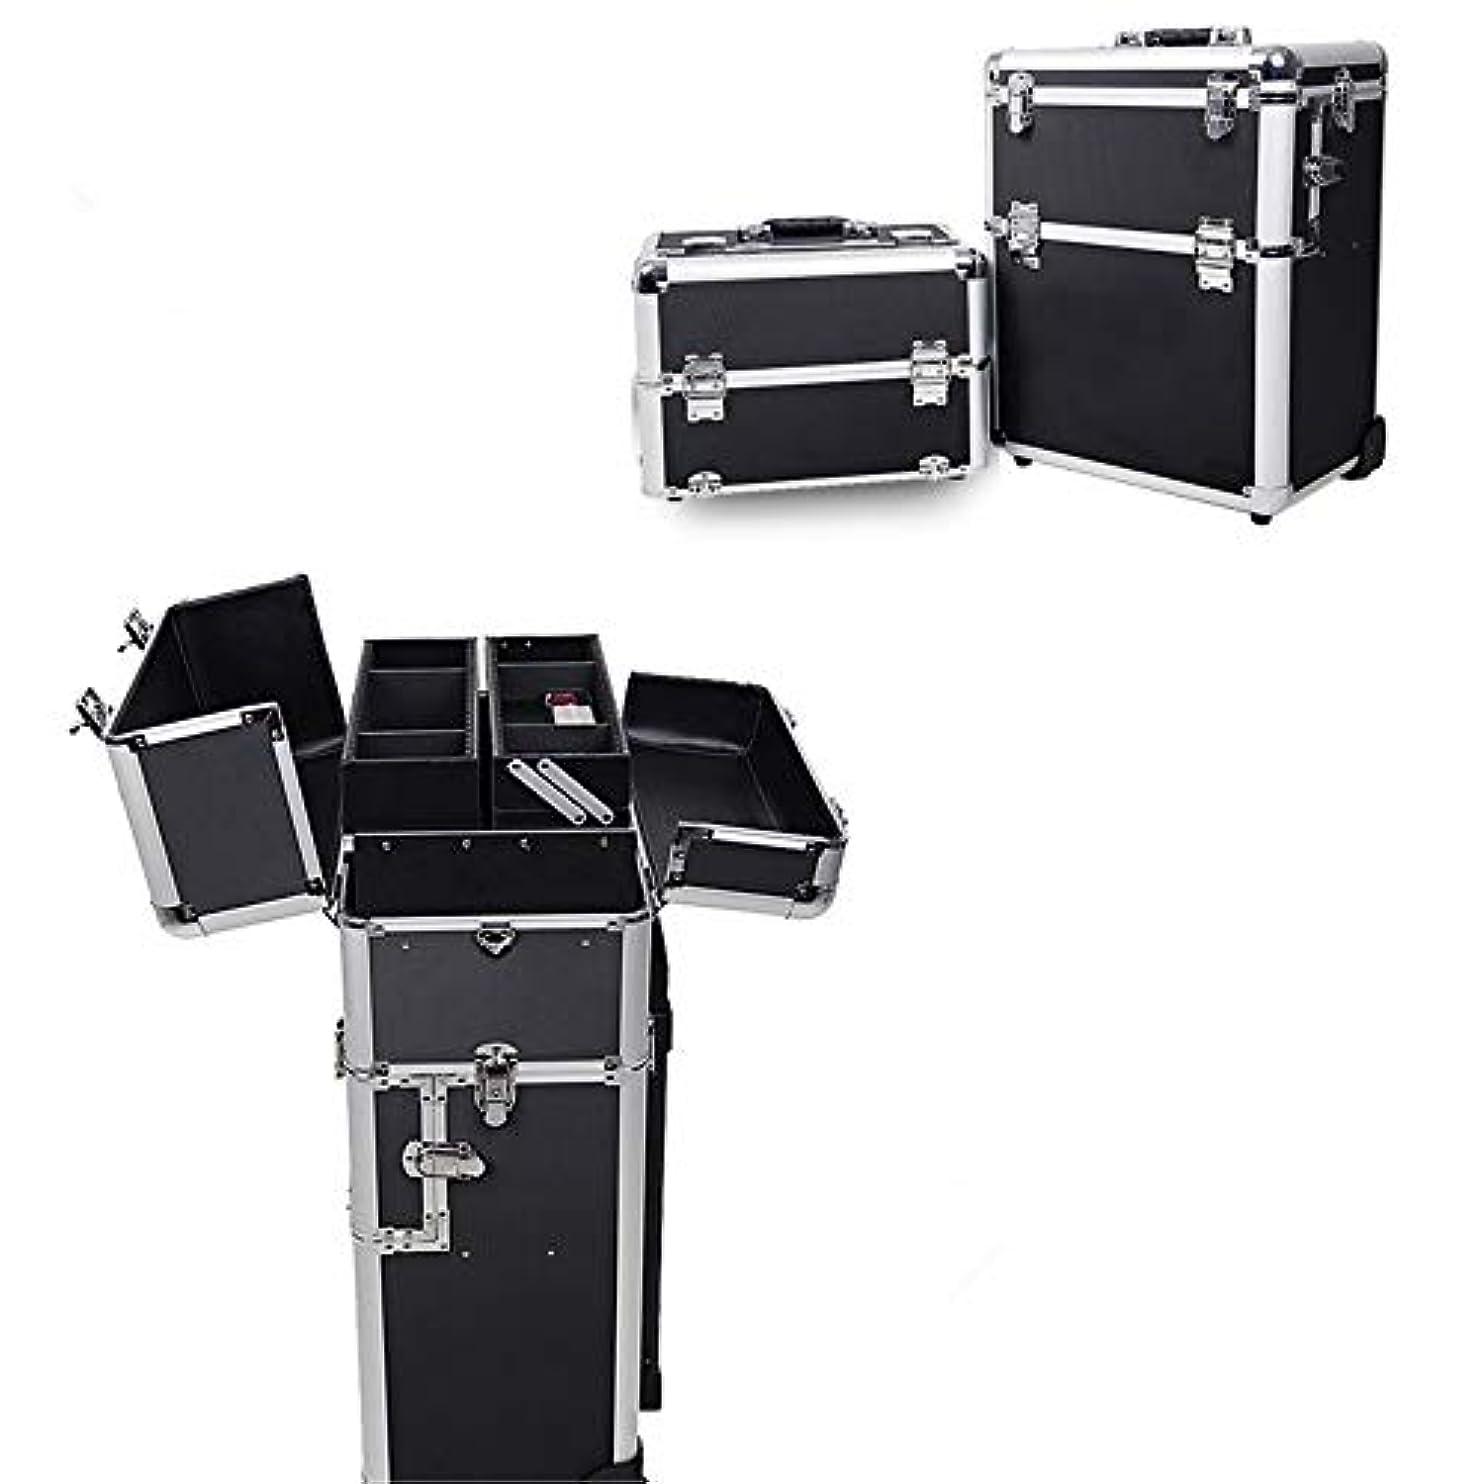 奨励します予感バラ色化粧オーガナイザーバッグ 旅行メイクバッグ3層スーツケースメイク化粧品バッグポータブルトイレタージュ化粧ケース 化粧品ケース